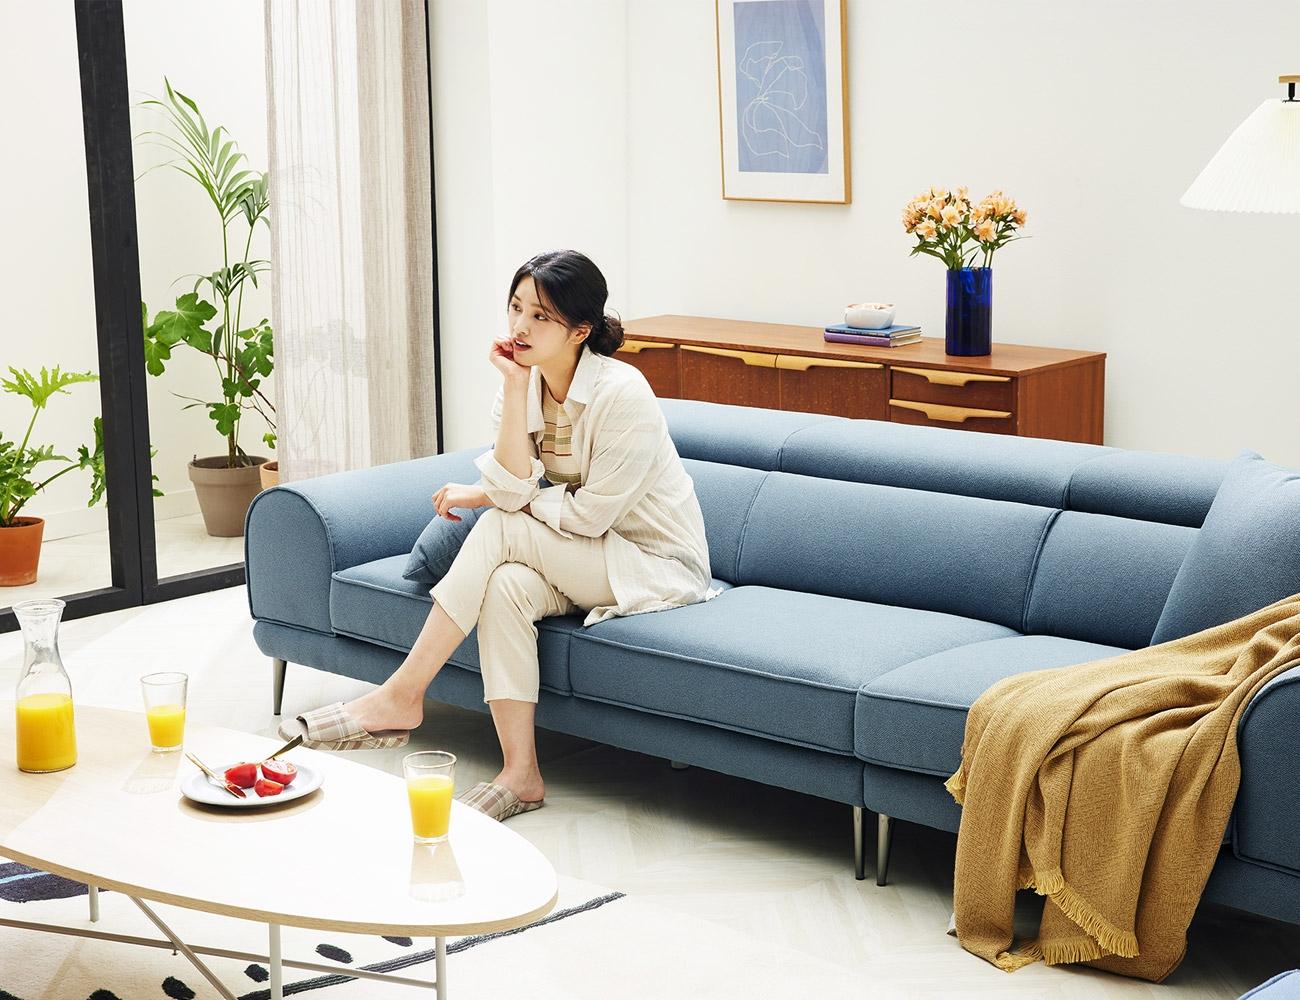 [신상품 세일] 몽슈 4인 기능성 데이위브 패브릭 소파+패브릭쿠션 2개